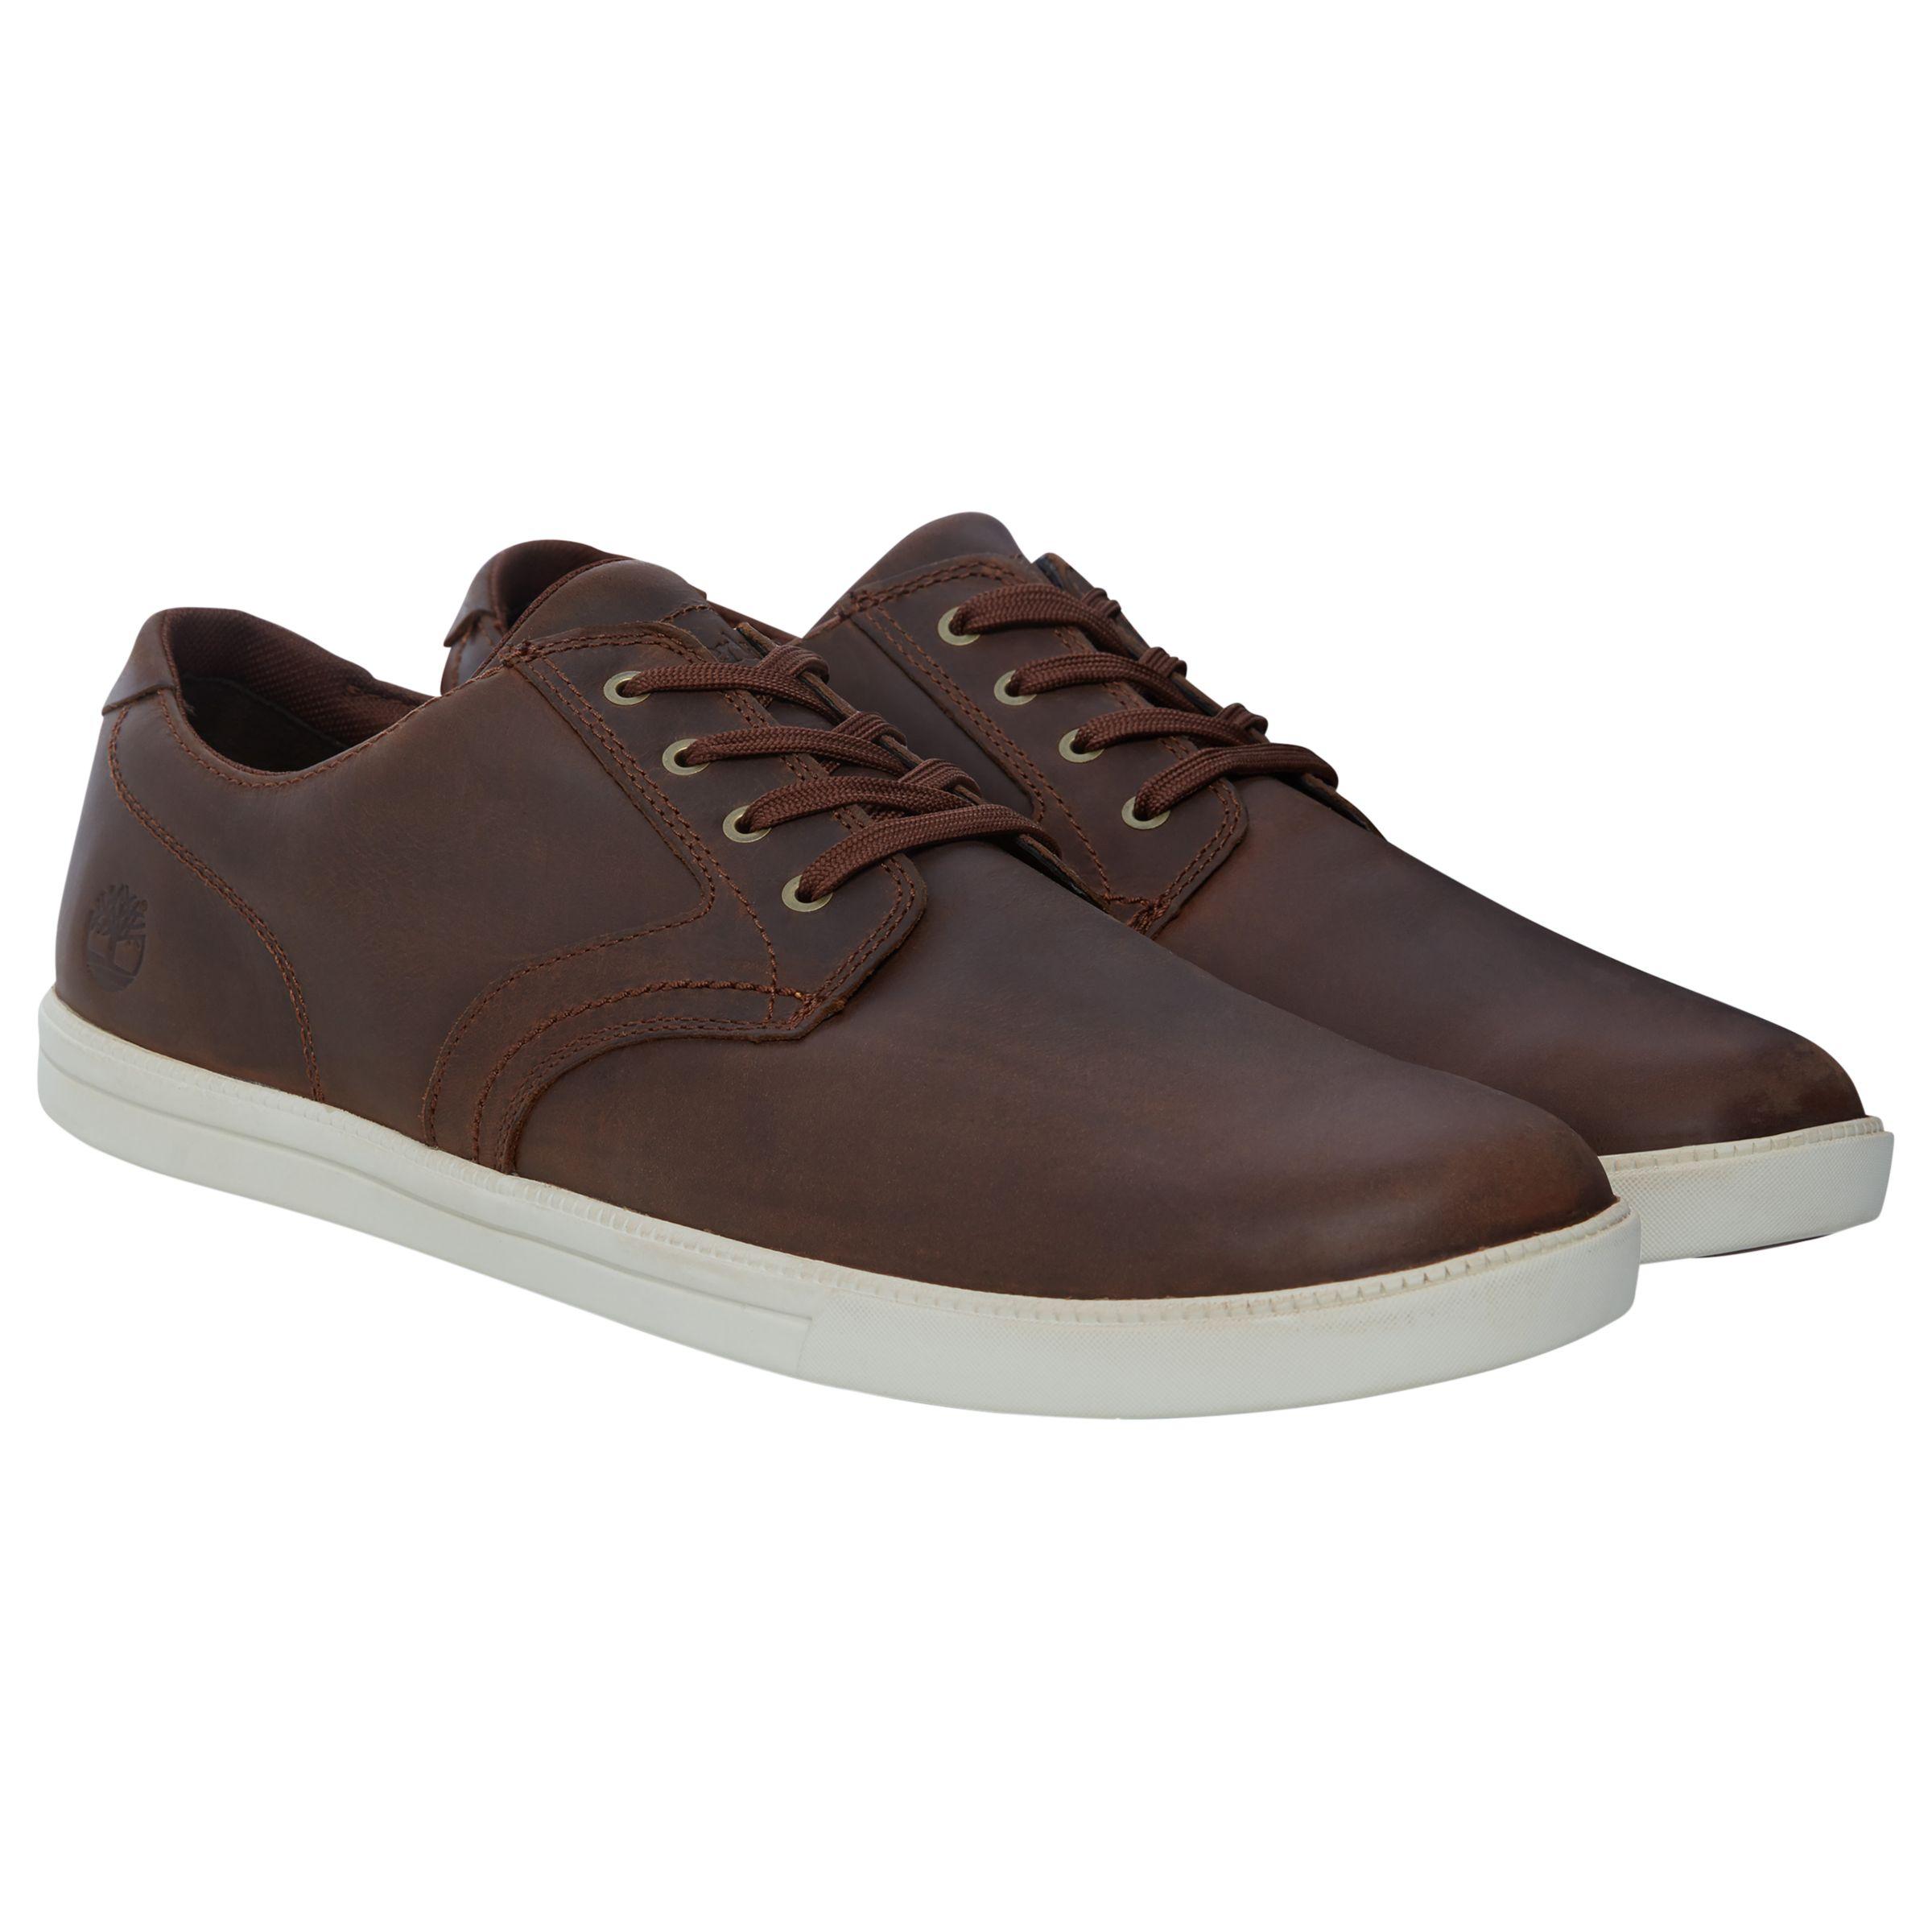 timberland fulk lp mid hommes hi-top sneakers